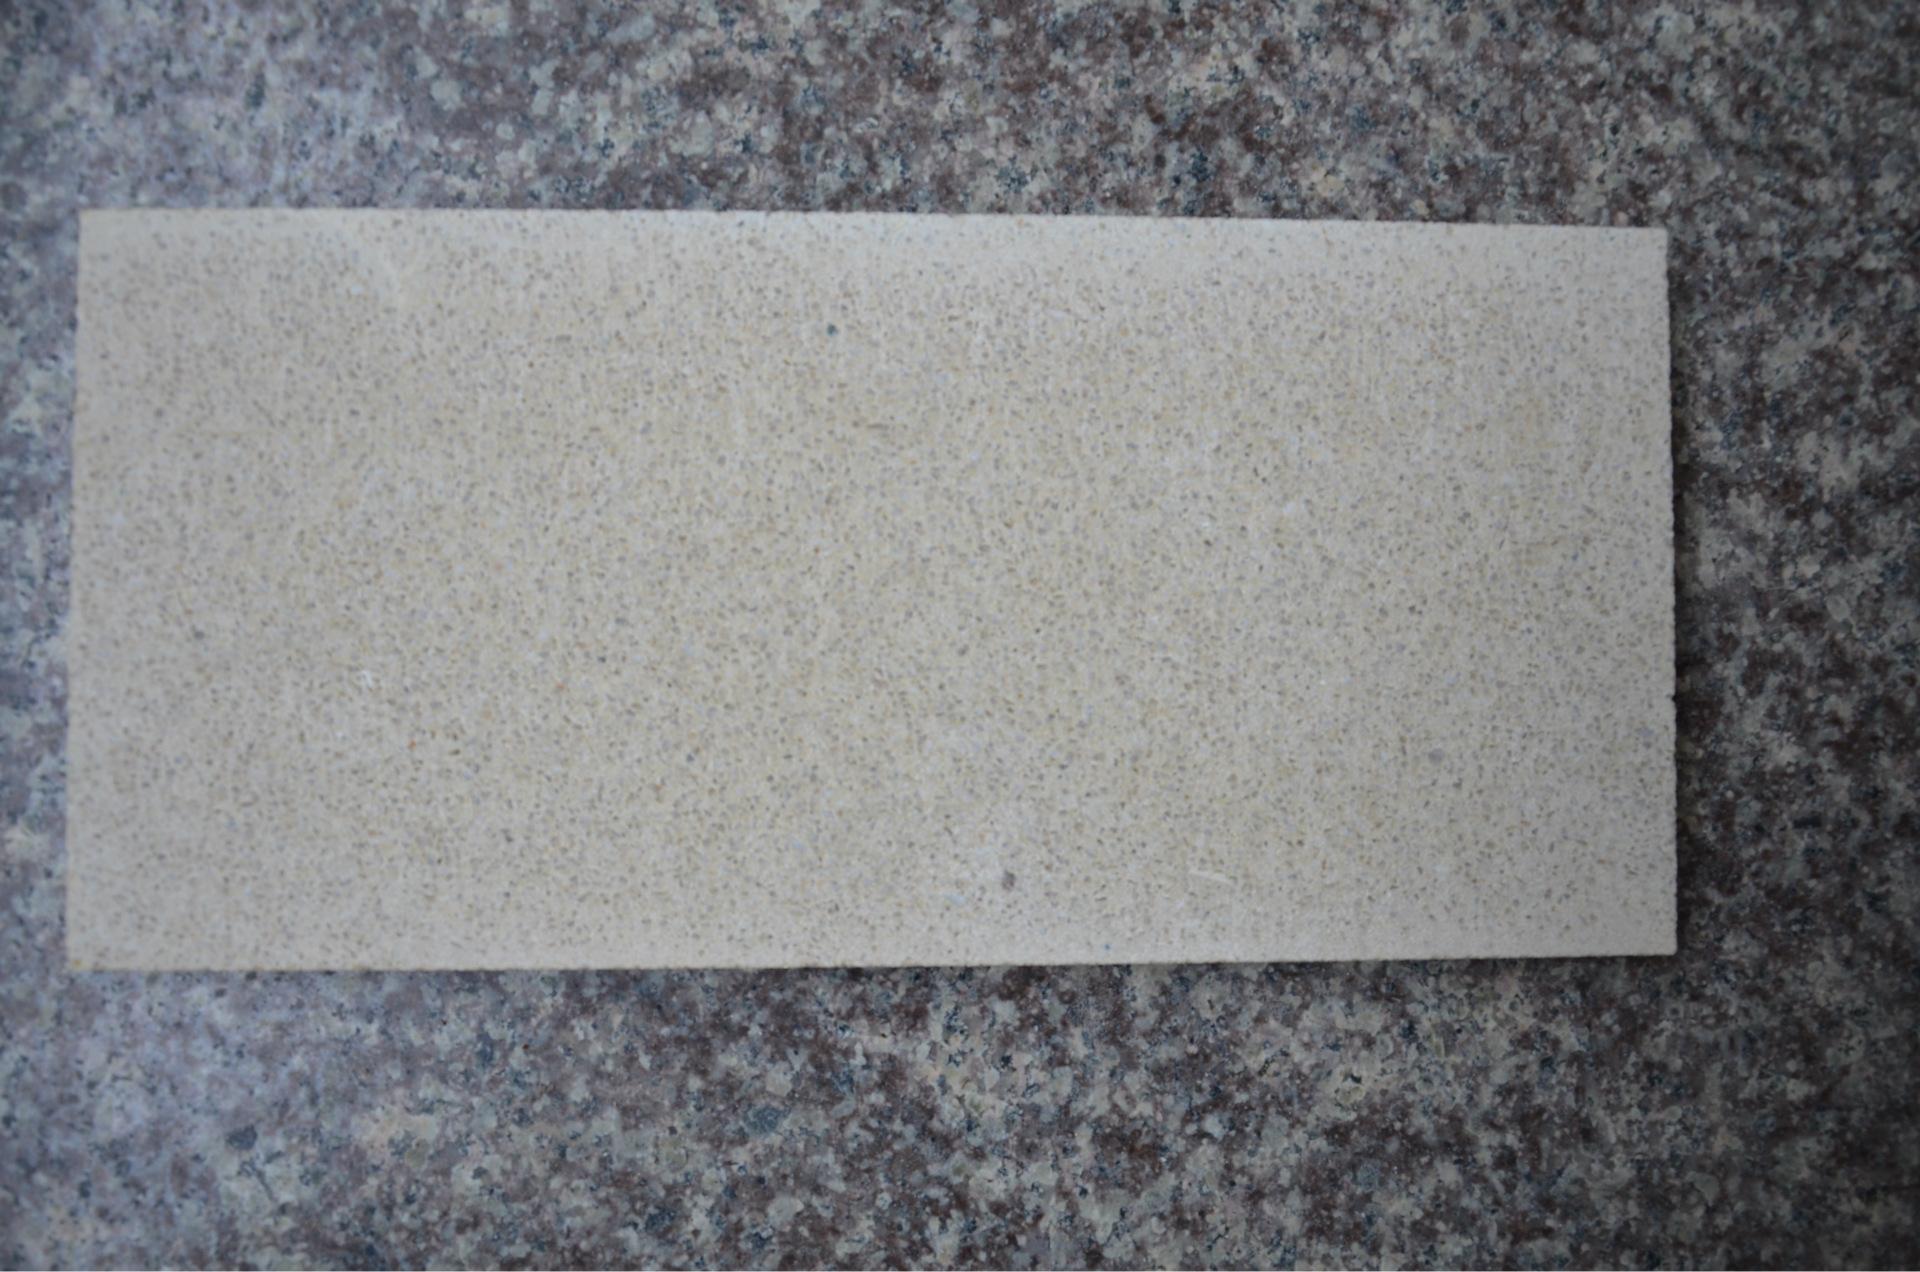 石材仿石材人造石材工程石材外墙石材黄金麻 别墅 外墙板 幕墙板图